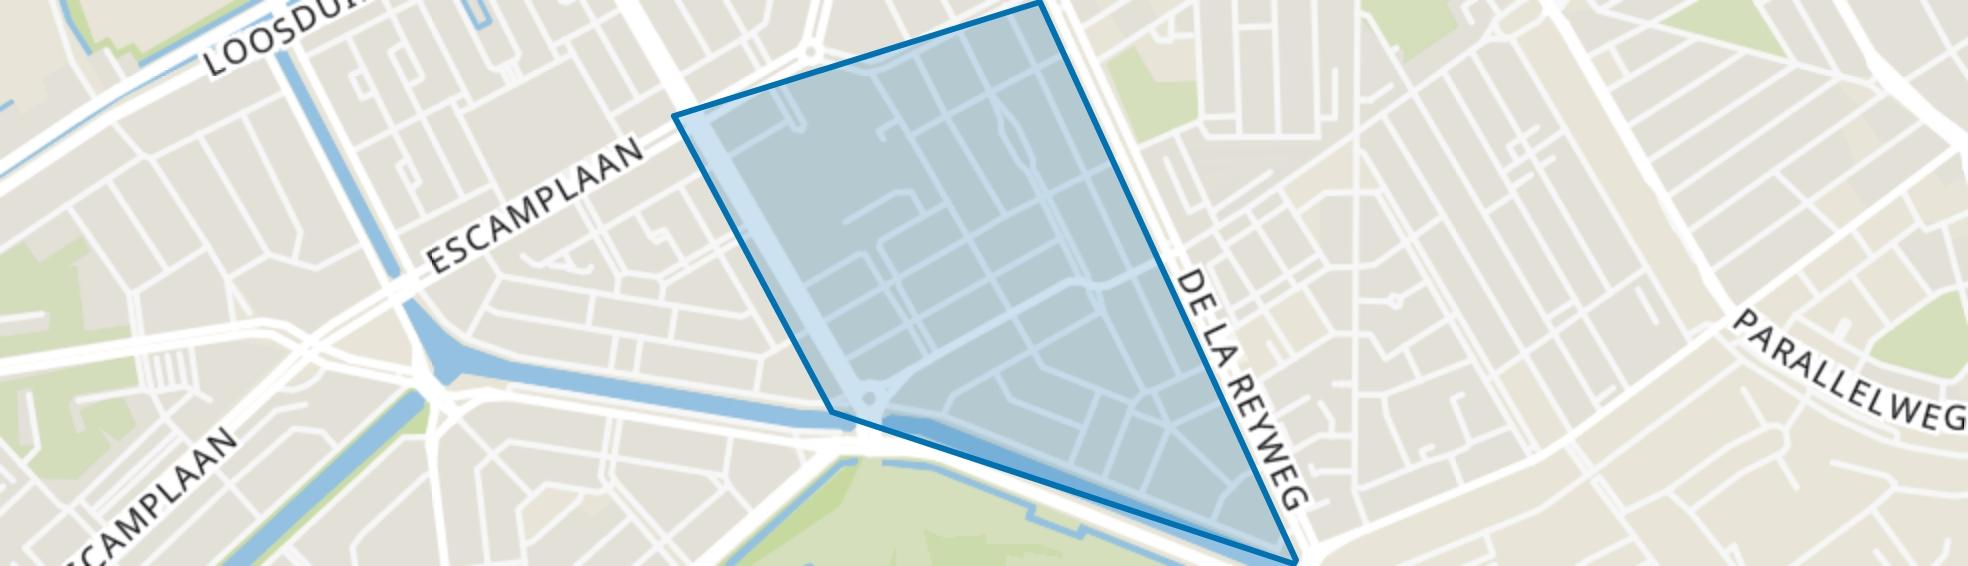 Oostbroek-Zuid, Den Haag map